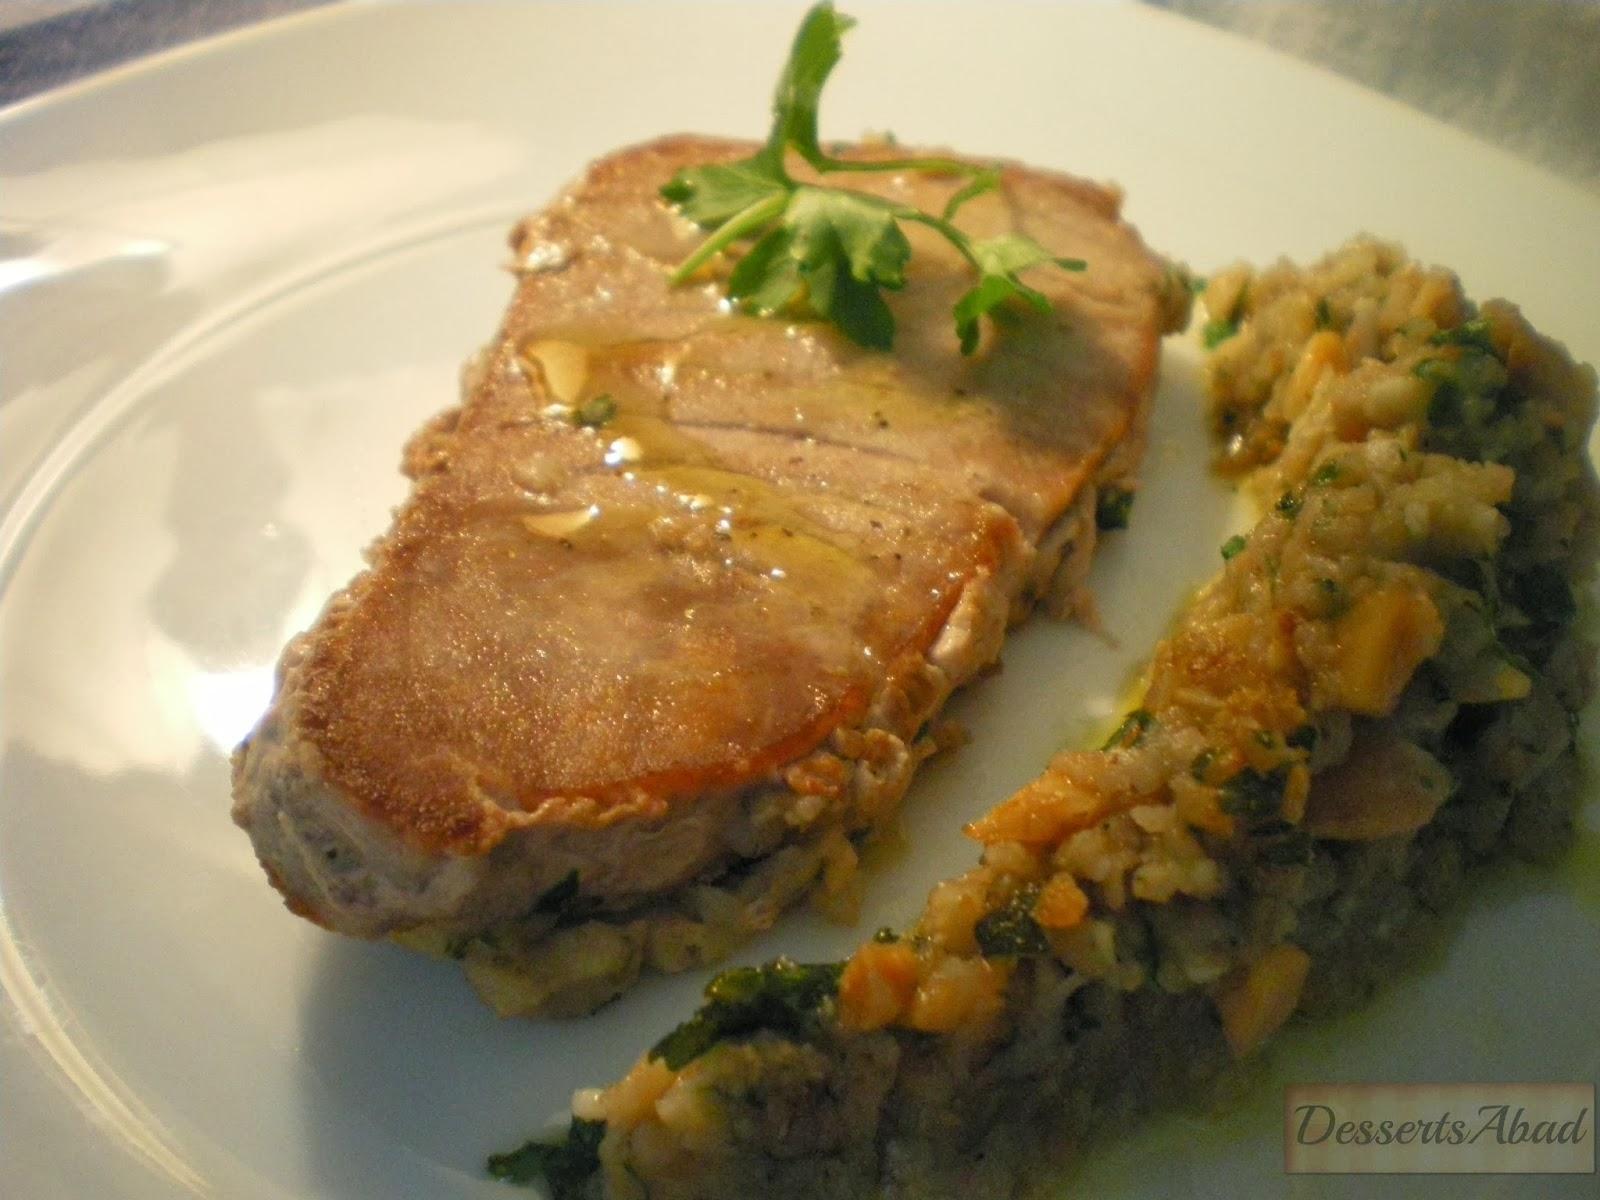 Dessertsabad at n o pez espada al pesto de almendras for Pez espada en salsa de almendras